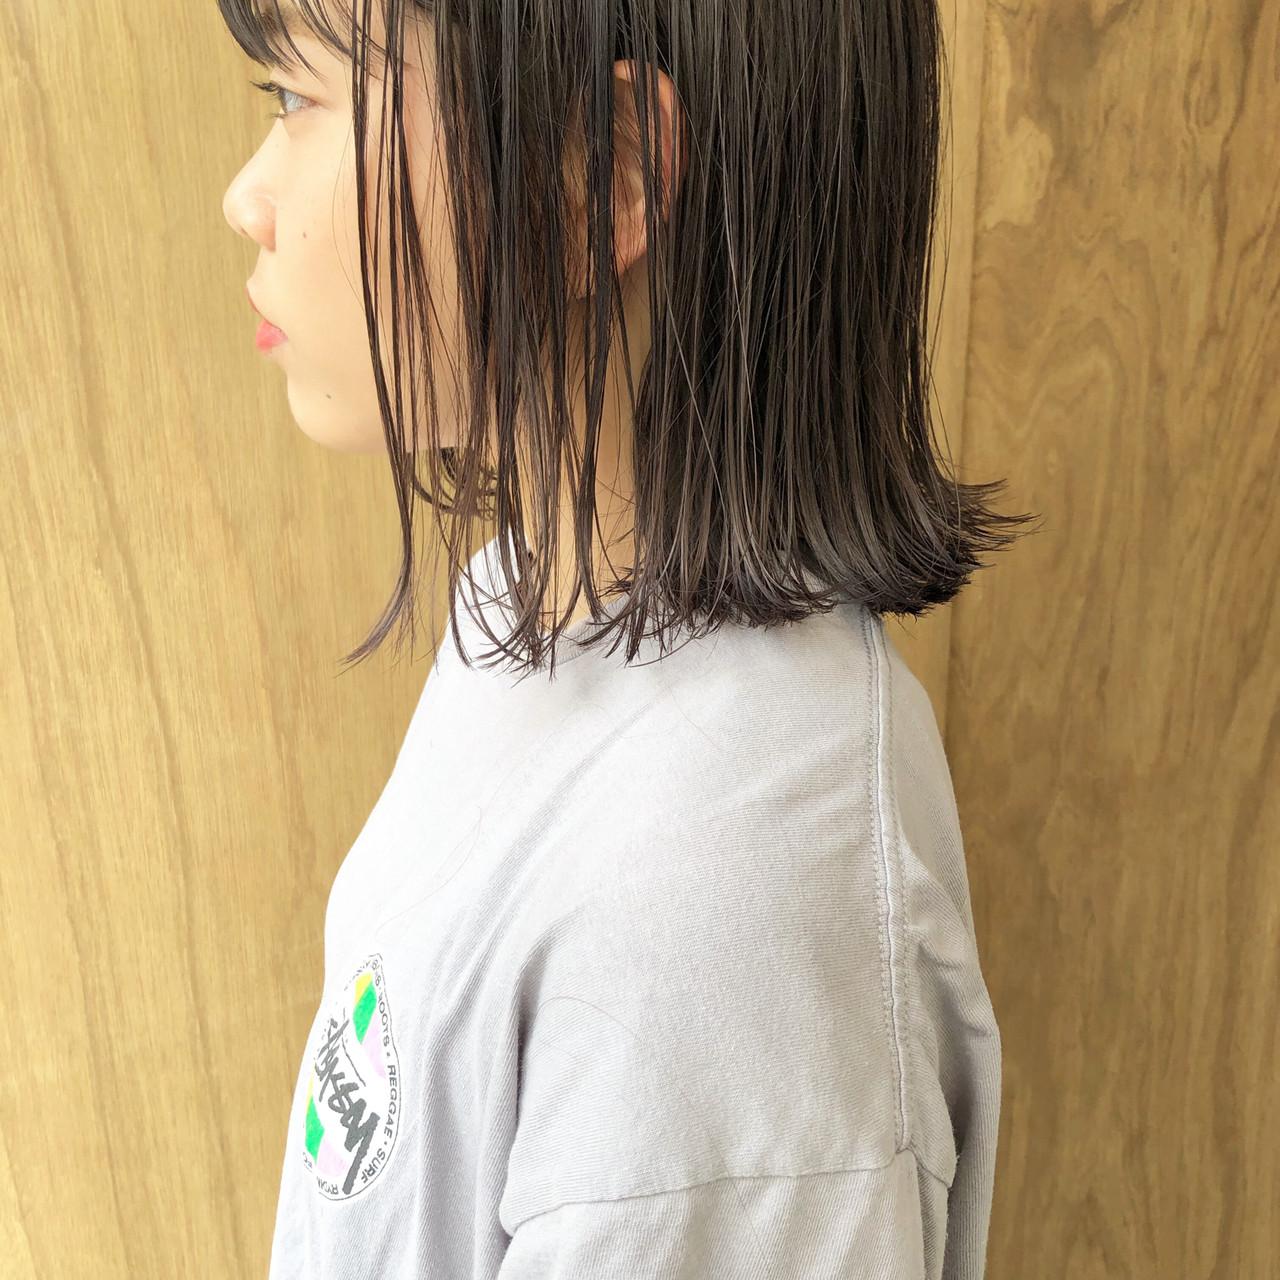 インナーカラー ボブ ナチュラル 切りっぱなしボブ ヘアスタイルや髪型の写真・画像 | 松井勇樹 / TWiGGY  歩行町店